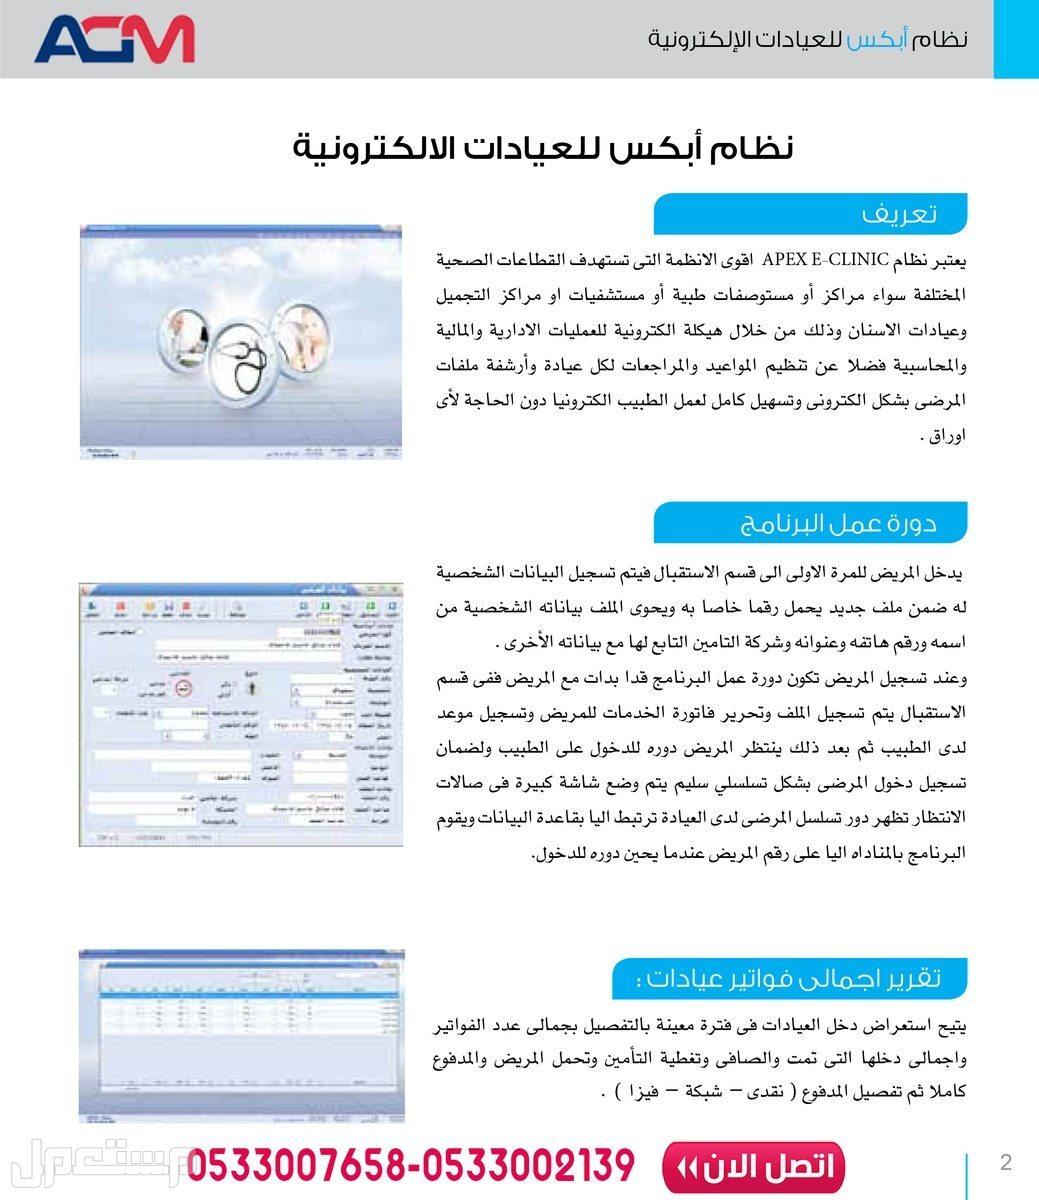 نظام أبكس لأدارة المستشفيات و العيادات الألكترونية APEX E-CLINIC